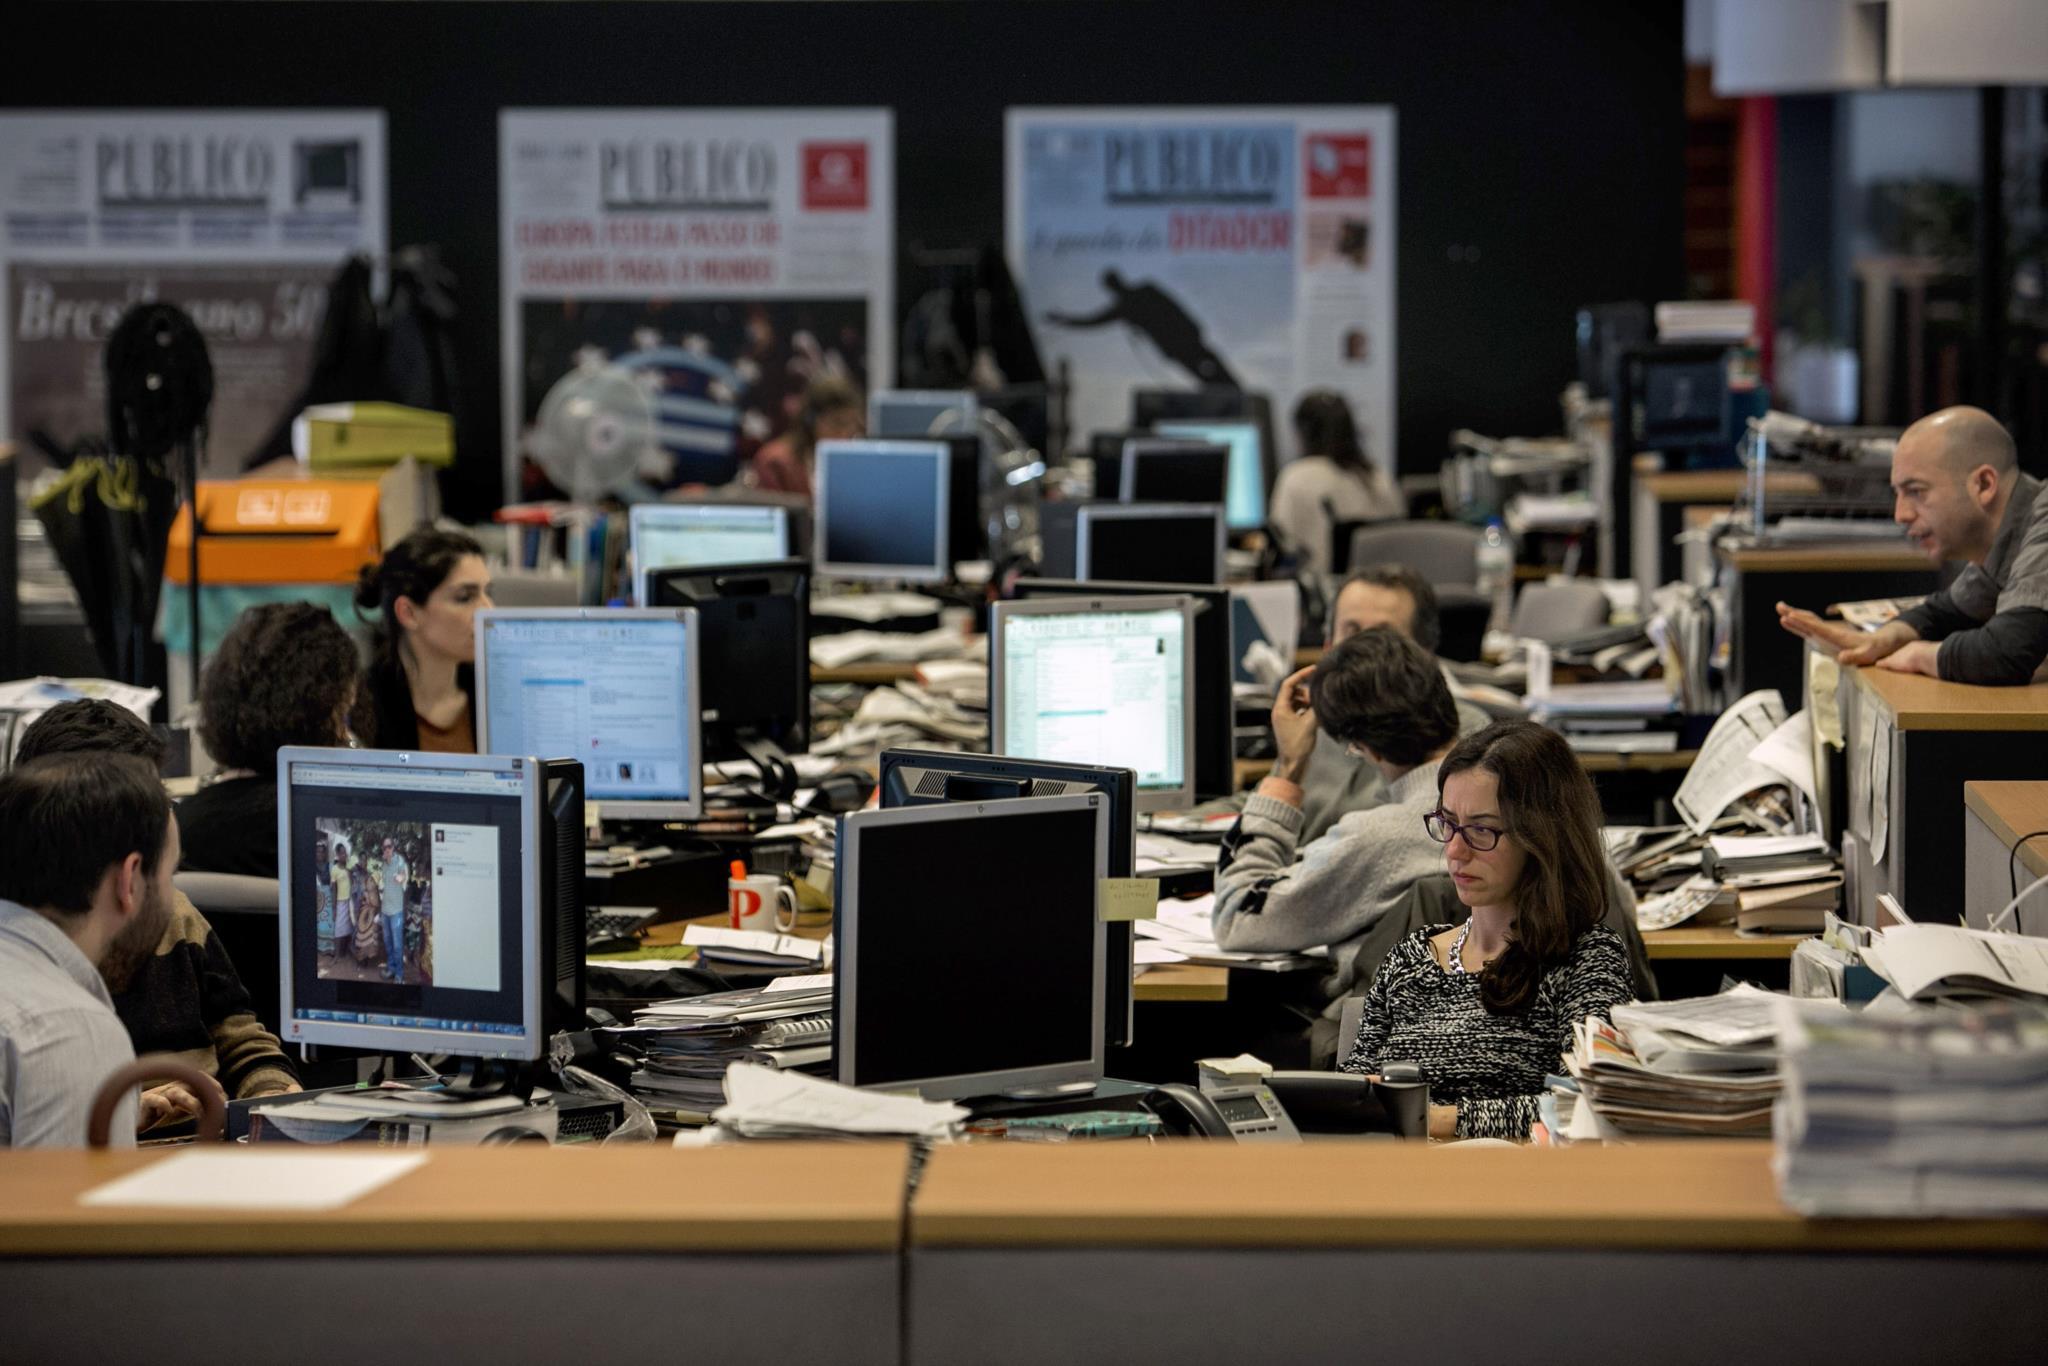 PÚBLICO - P24: PÚBLICO lança noticiário personalizado em áudio